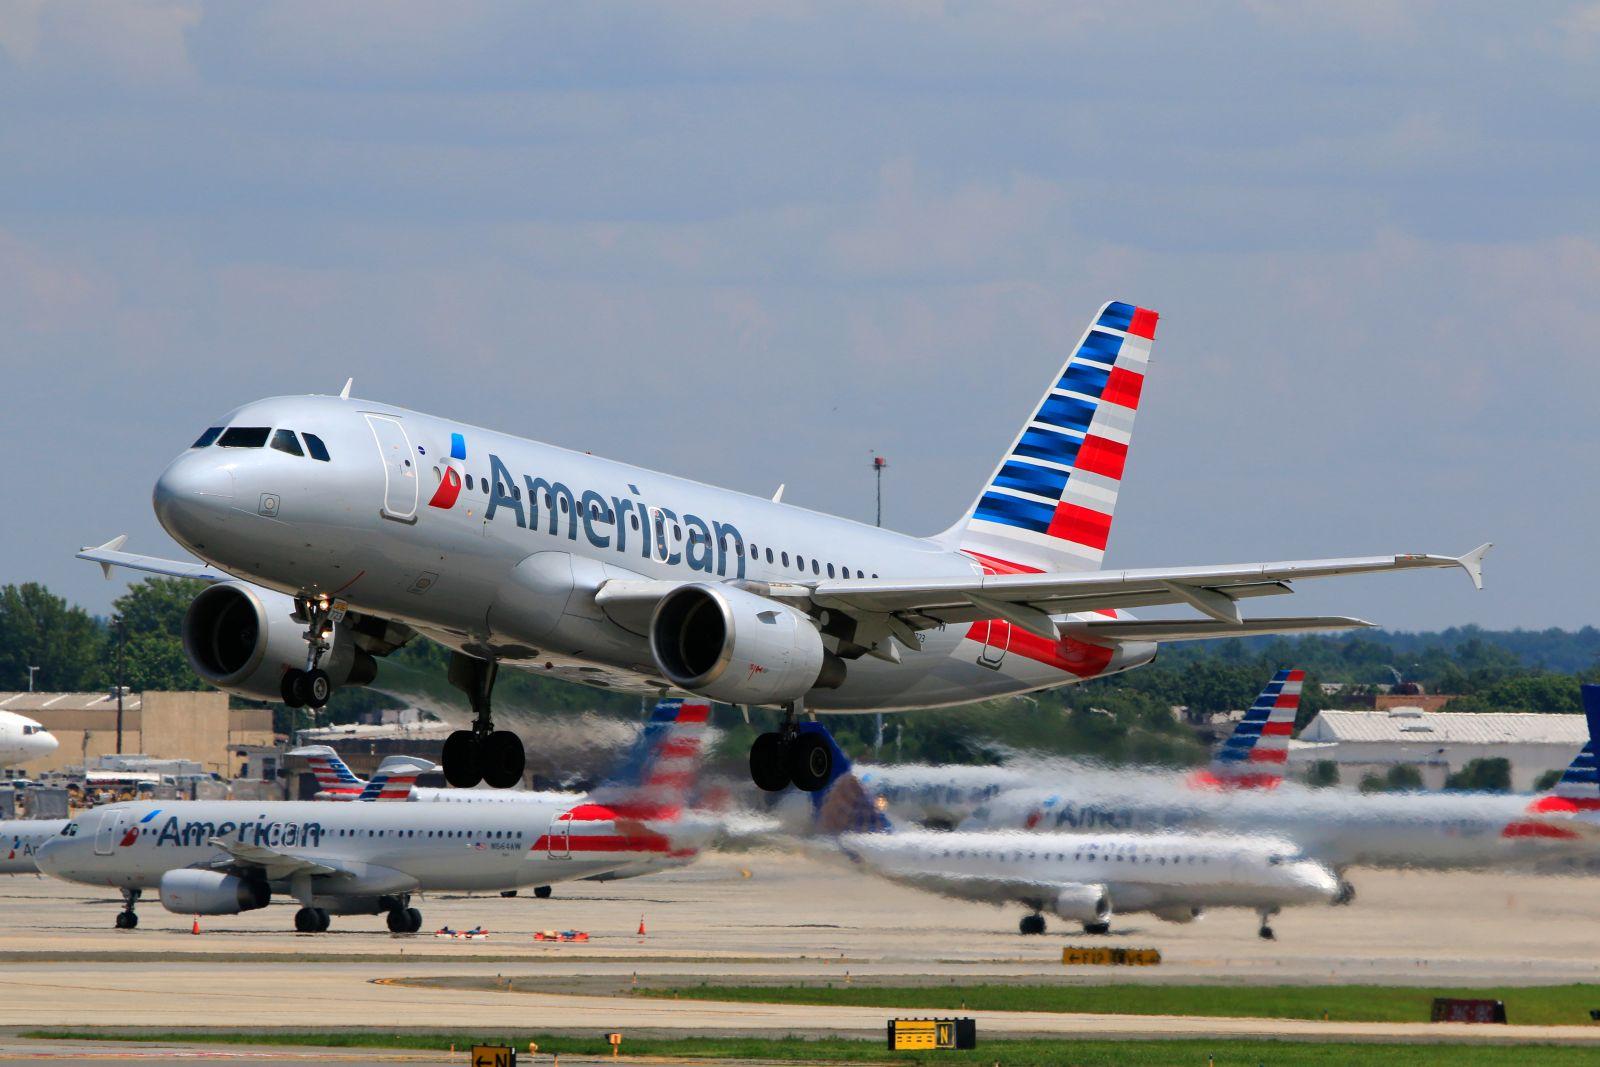 Die Beliebtheit der USA als Reiseziel ist ungebrochen und so wird auch das Flugangebot in die Vereinigten Staaten immer wieder einmal verbessert. Ein Anbieter, der sein Angebot für Deutschland erweitert und ab 2019 gleich drei neue Routen ins Land der unbegrenzten Möglichkeiten anbietet, ist American Airlines.